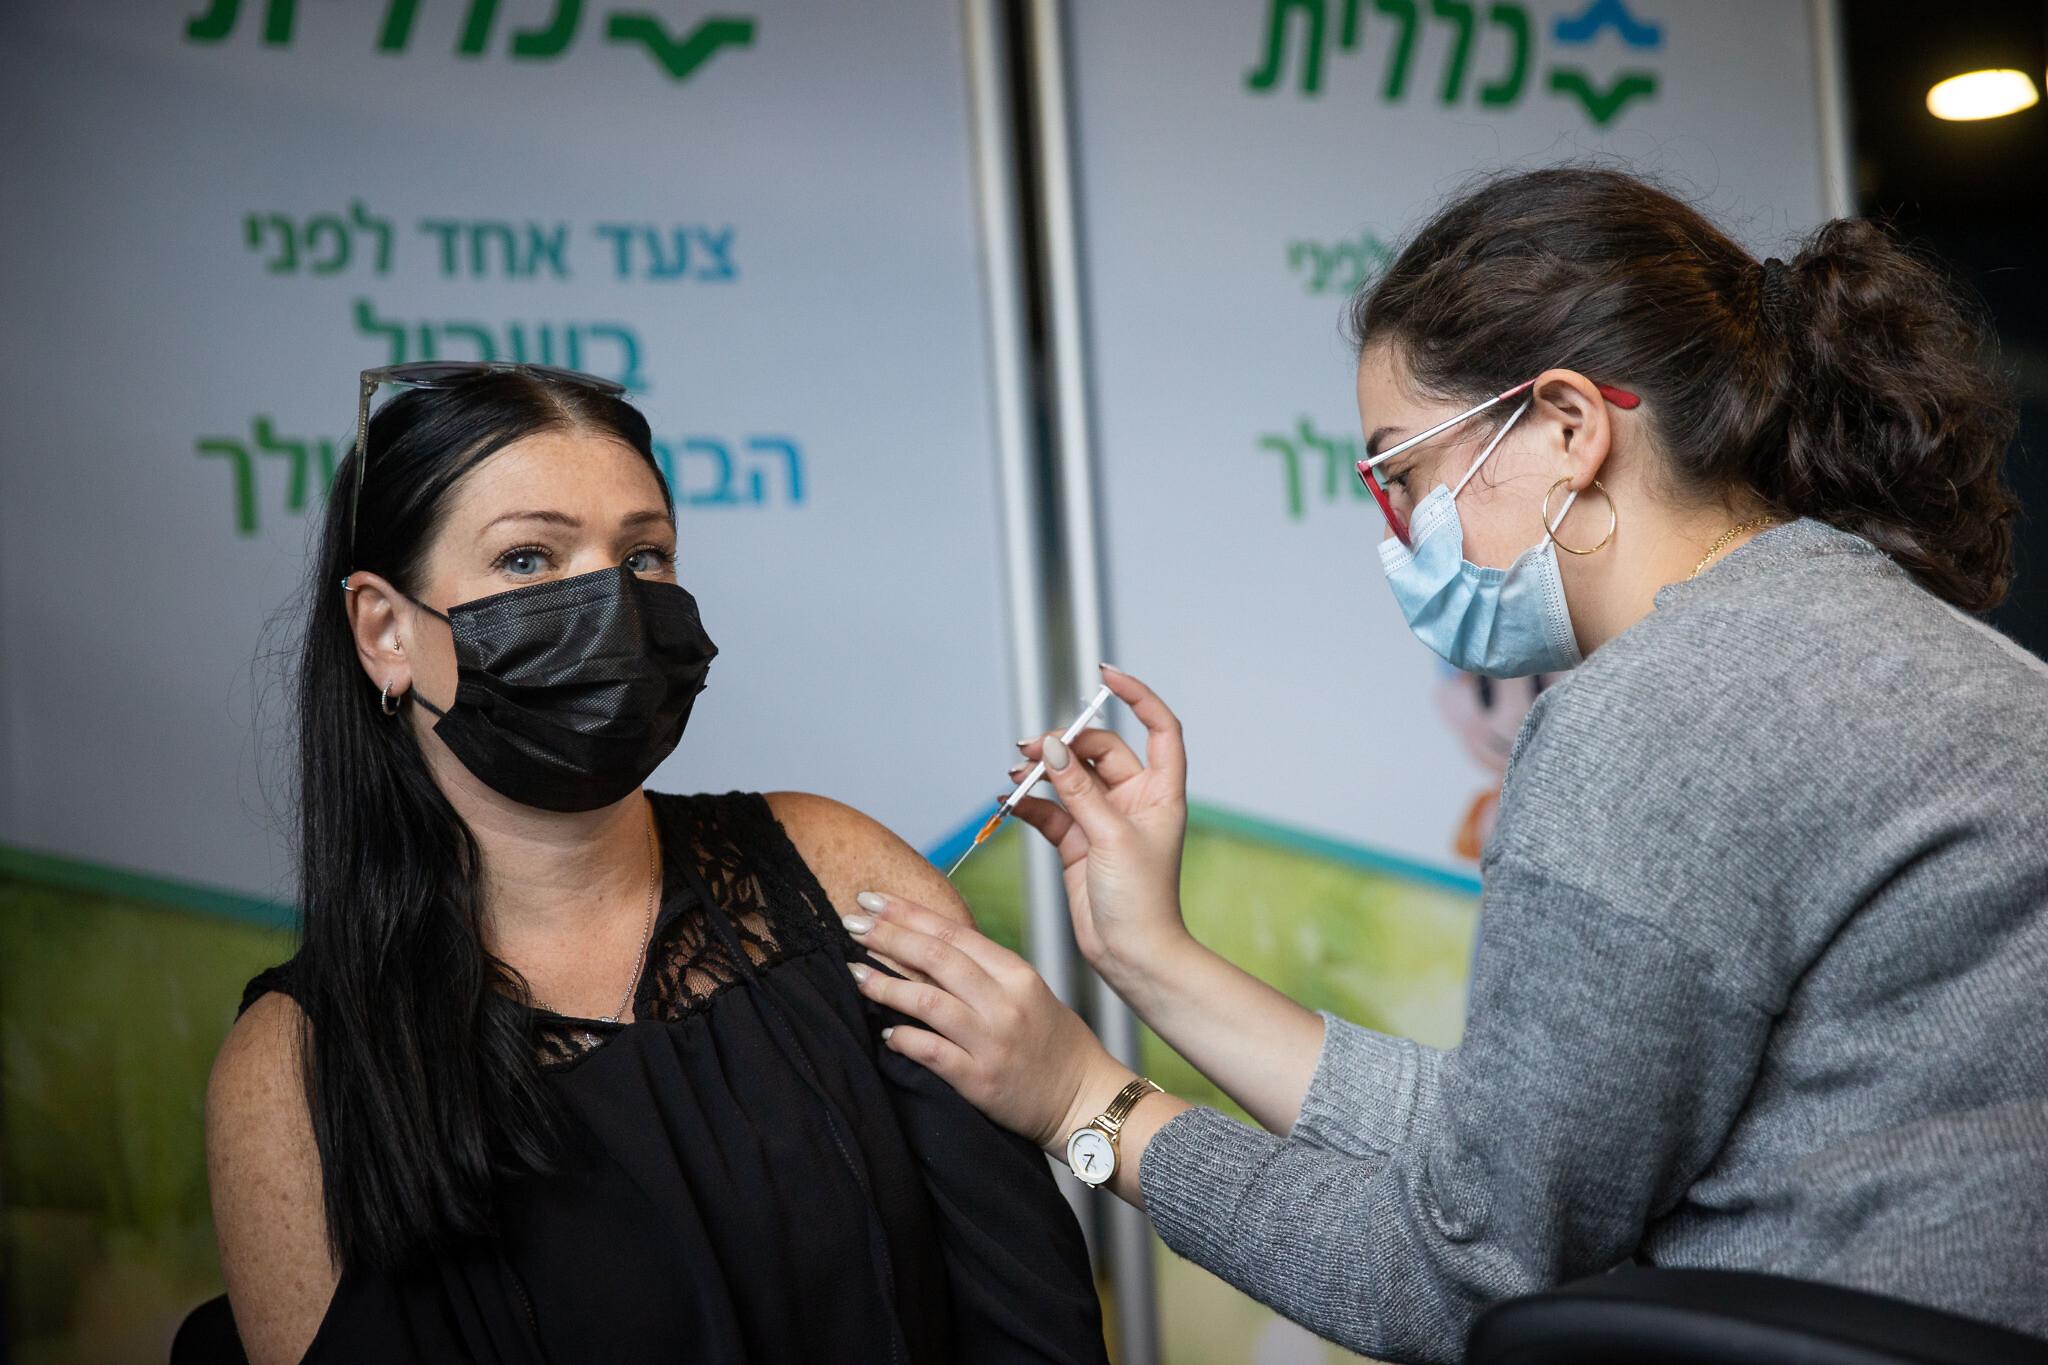 Az izraeli adatok alátámasztják a Pfizer vakcina hatékonyságát